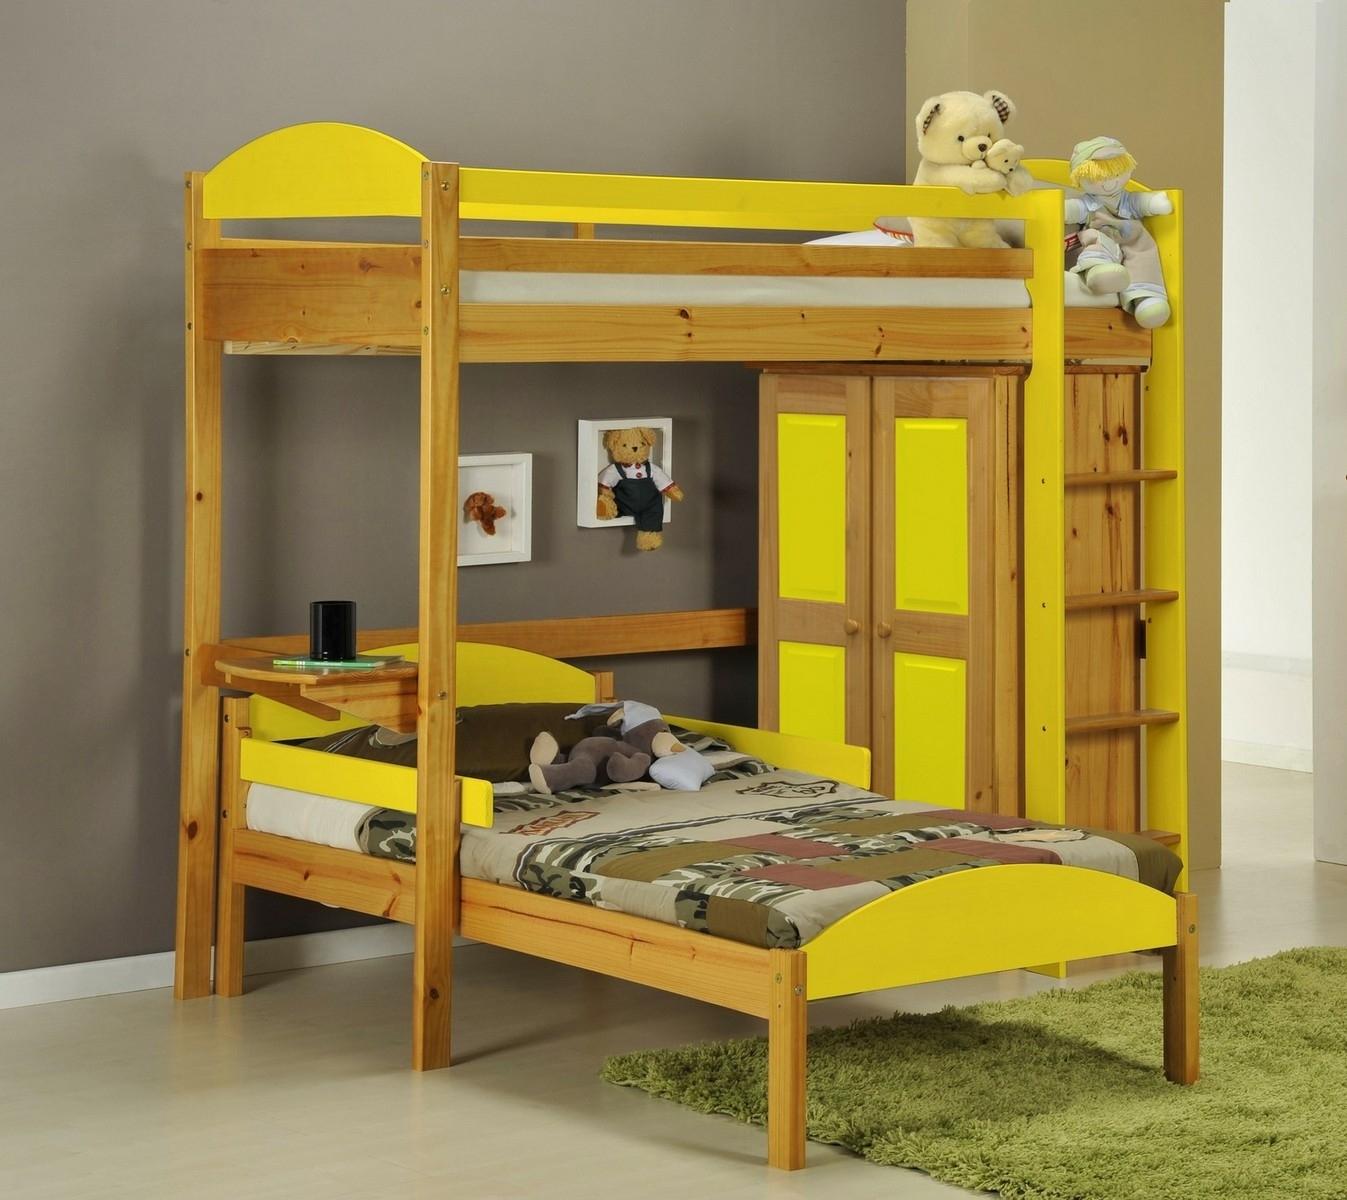 Lit mezzanine en l et placard tal boy pin miel et jaune aladin - Lit mezzanine placard ...